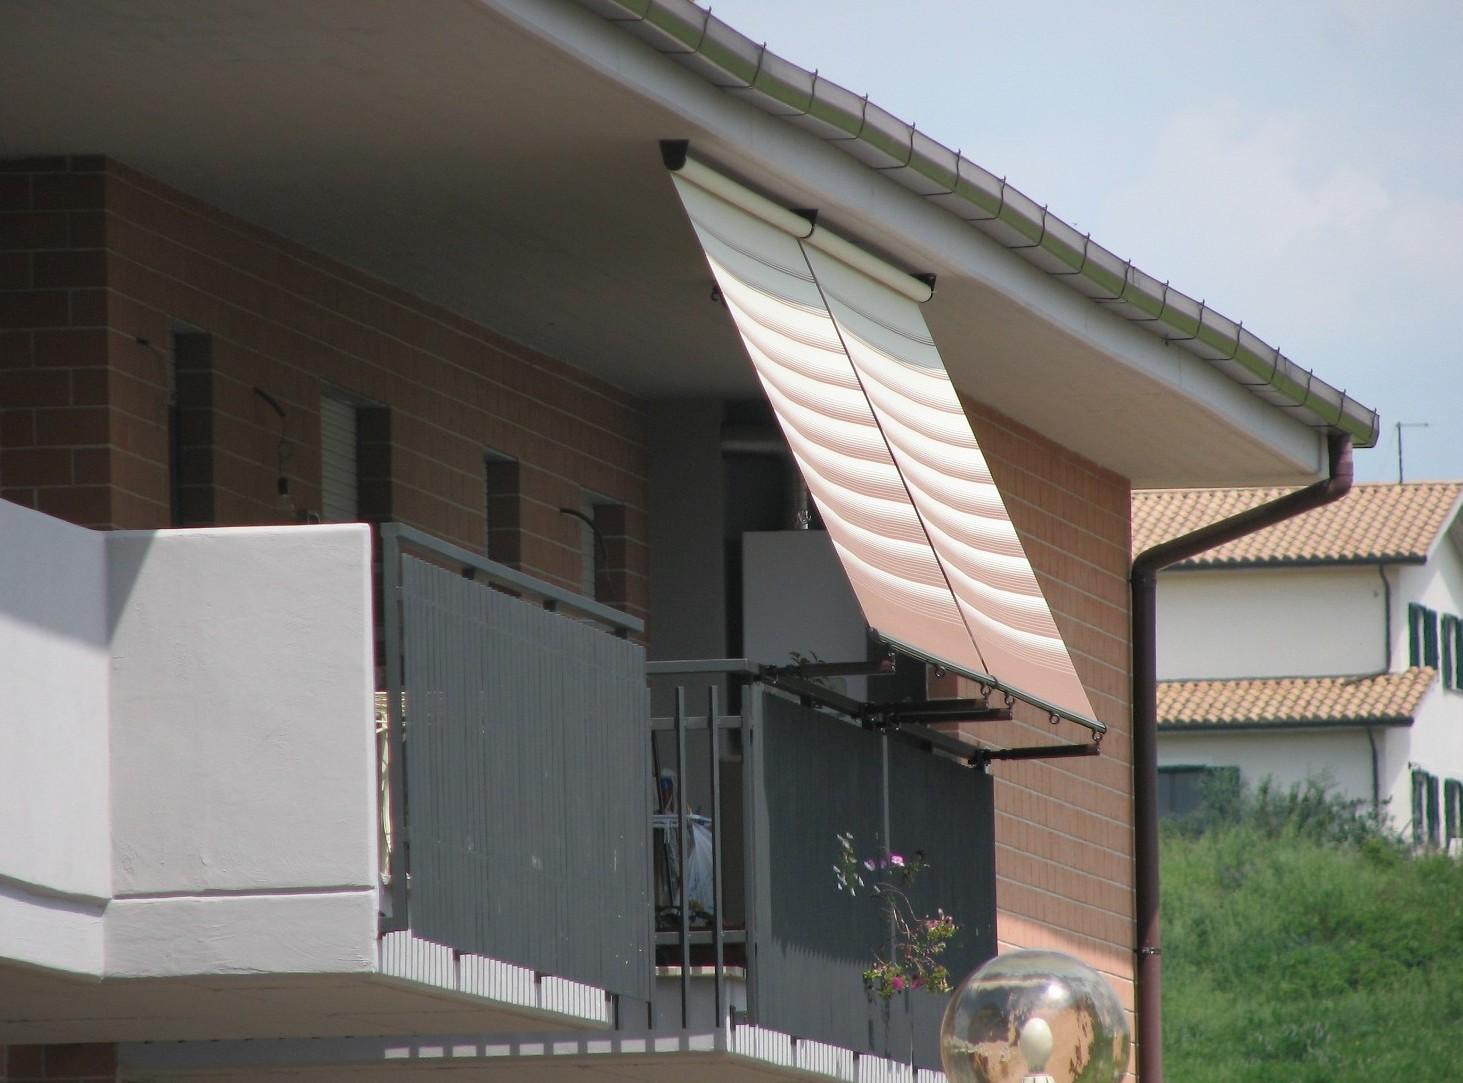 Tende da sole sul balcone in condominio a casa, tutte le regole e leggi in vigore